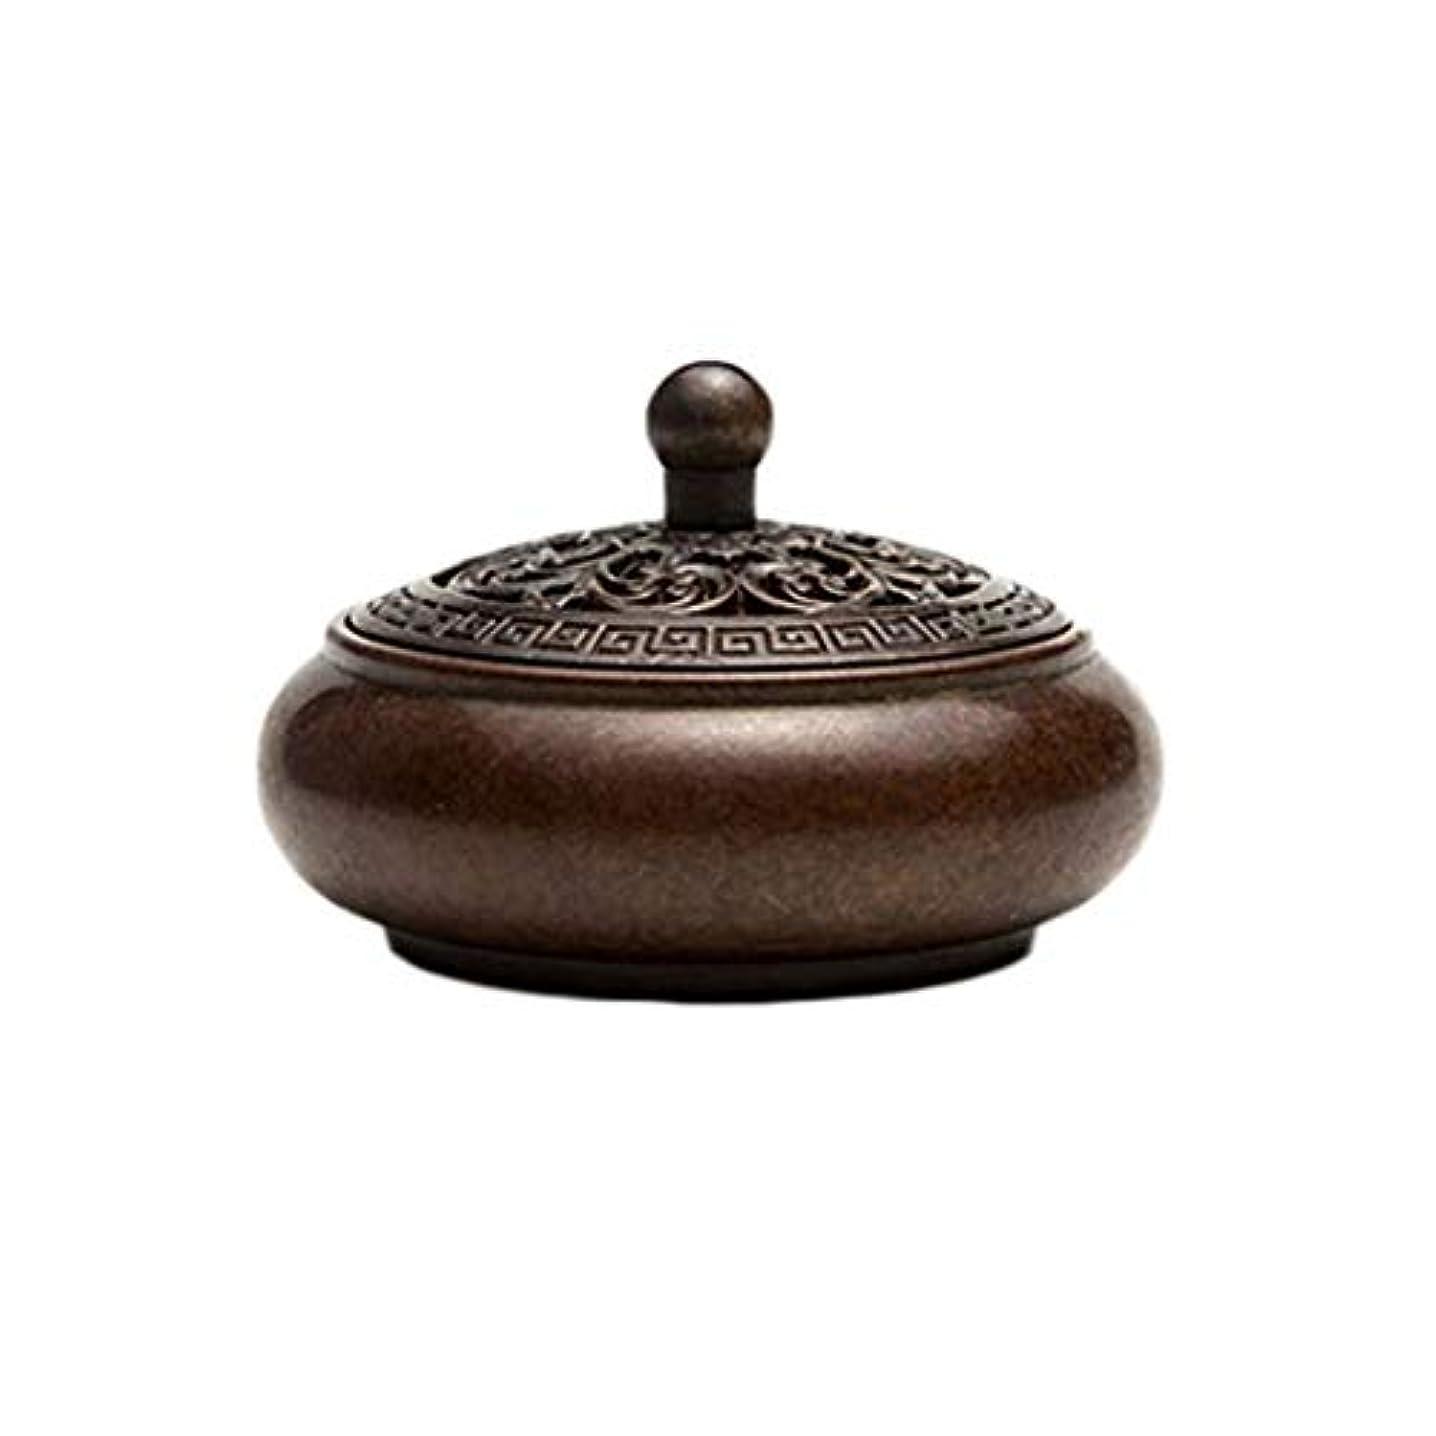 通り抜ける仲人必要とする芳香器?アロマバーナー 純粋な銅板香バーナー銅アンティーククサンデ銅炉小さな香バーナー白檀炉 芳香器?アロマバーナー (Color : Naturals)